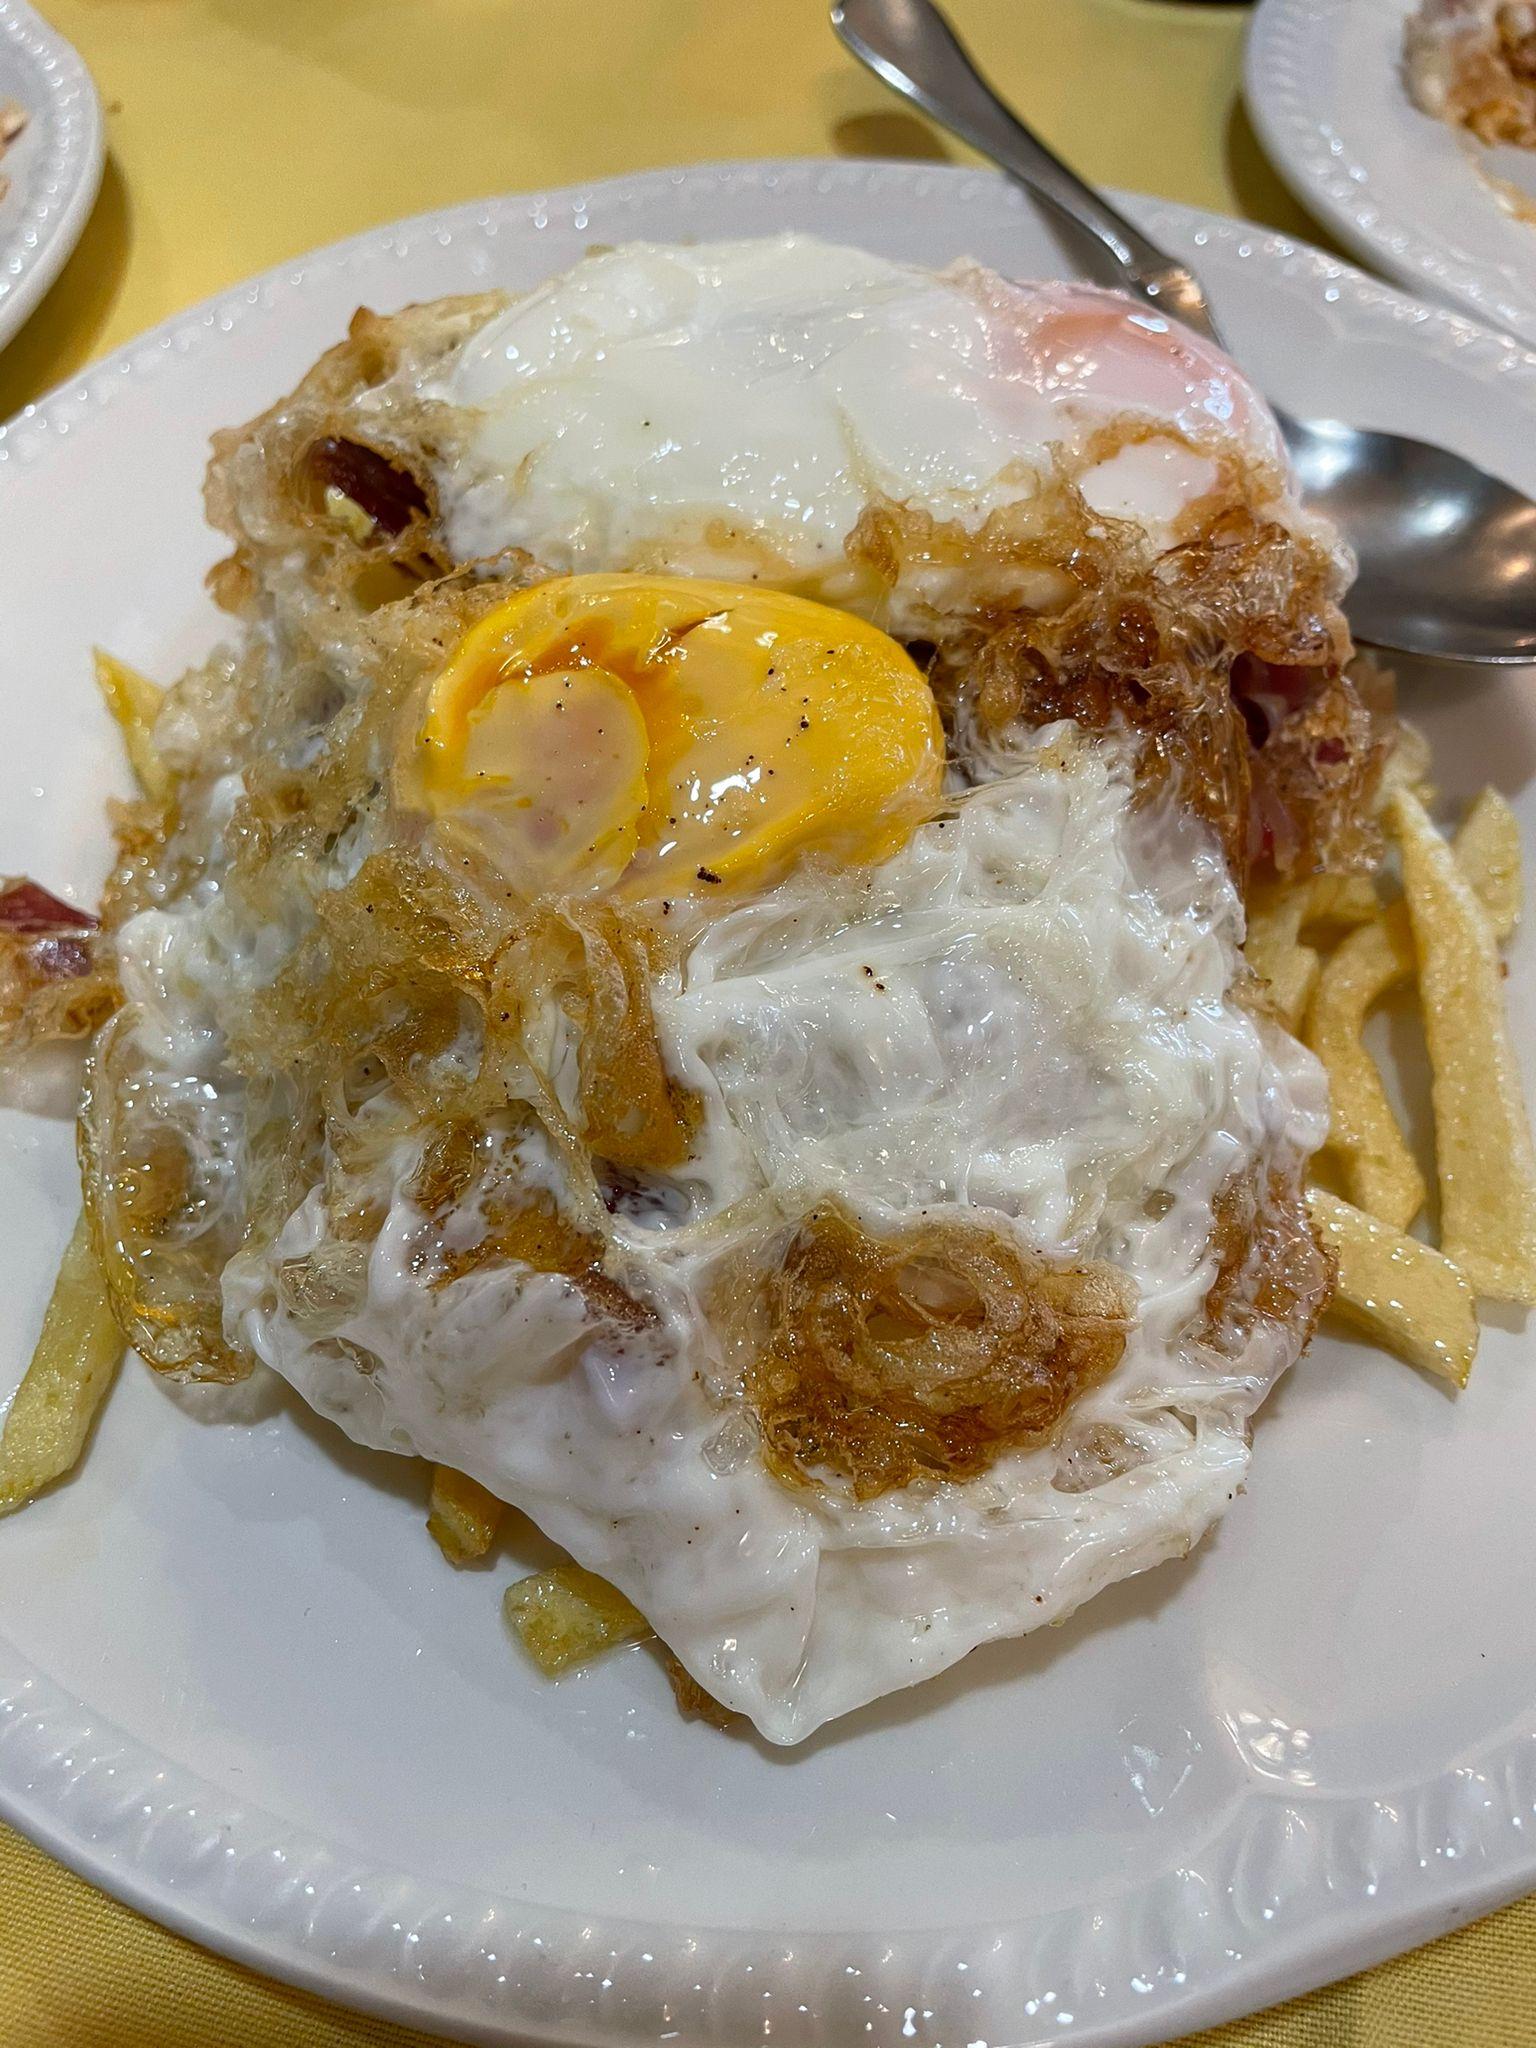 Reseñas gastronómicas: Restaurante Valle de San Emiliano en Babia 2